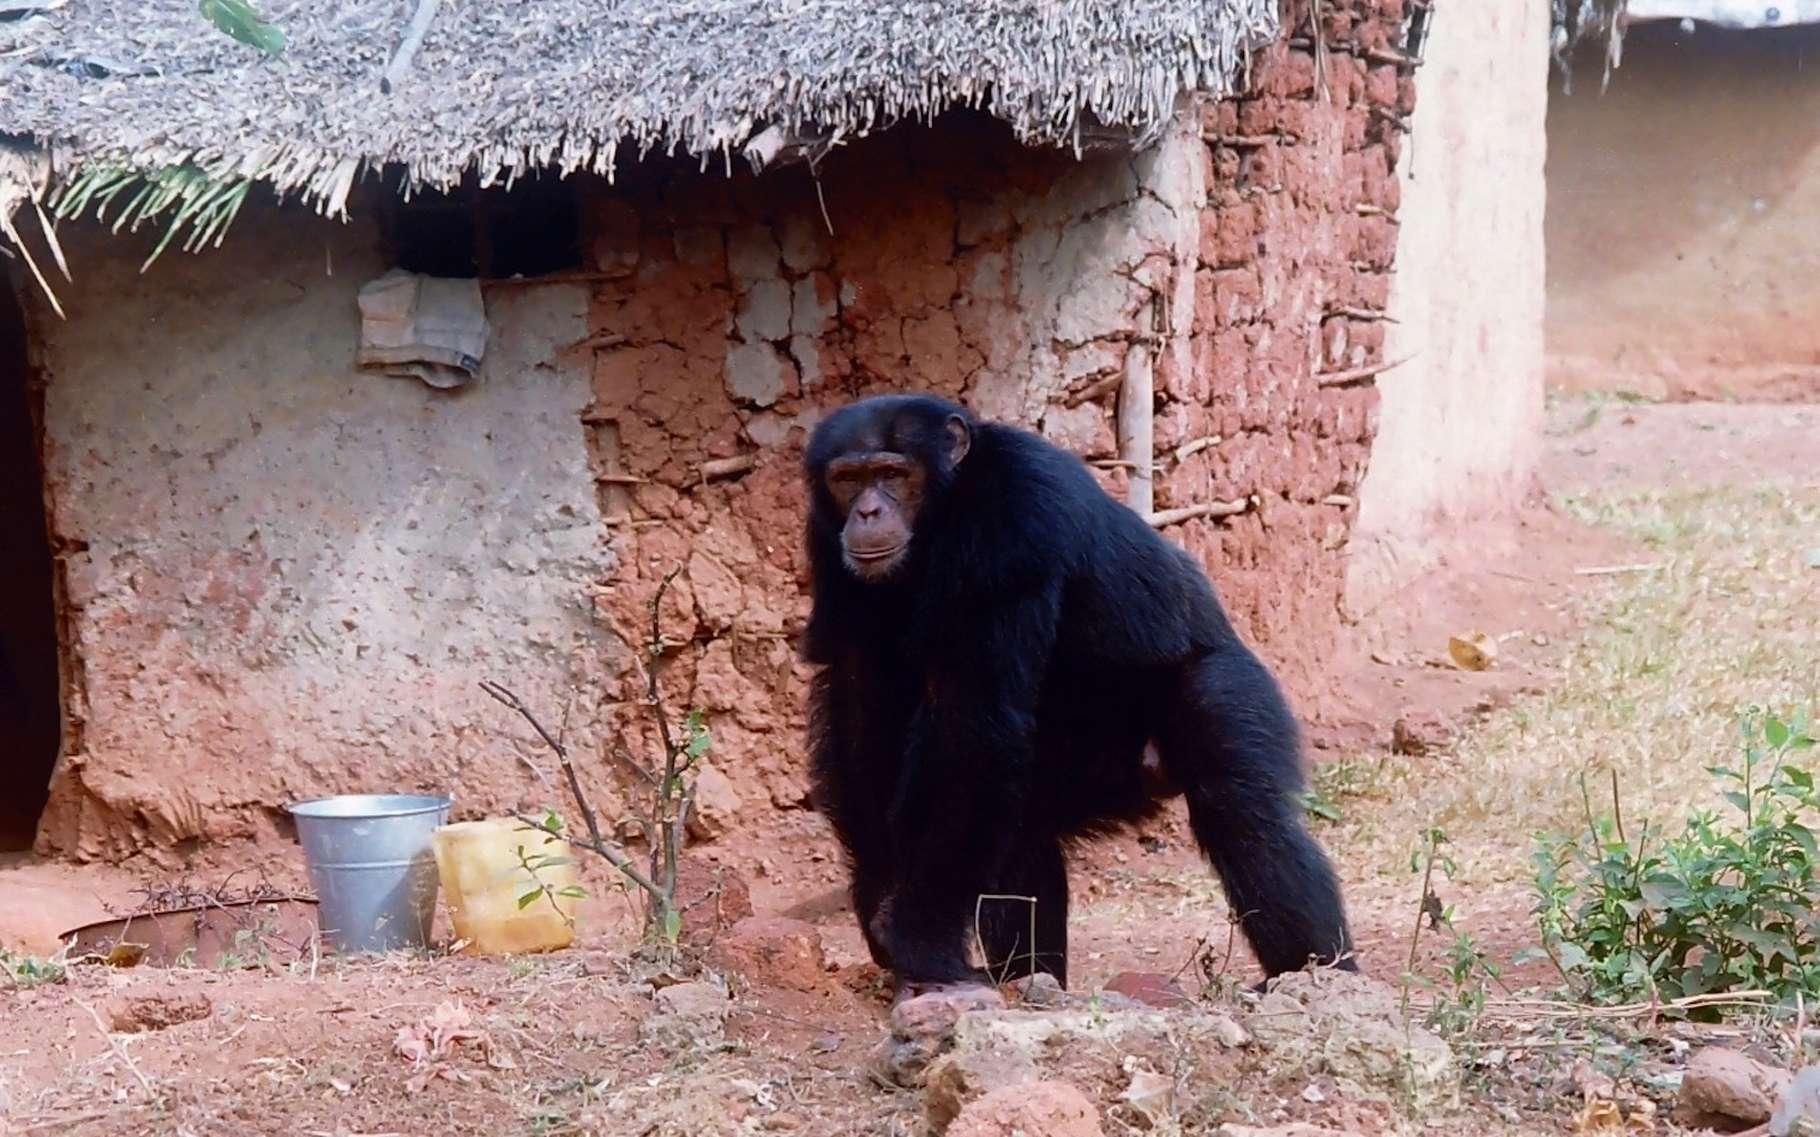 Dans certaines régions de la planète, les Hommes et les grands singes vivent ensemble. © Nicolas Granier, Biotope et Les chimpanzés de Bossou et Nimba, Green Corridor Charity